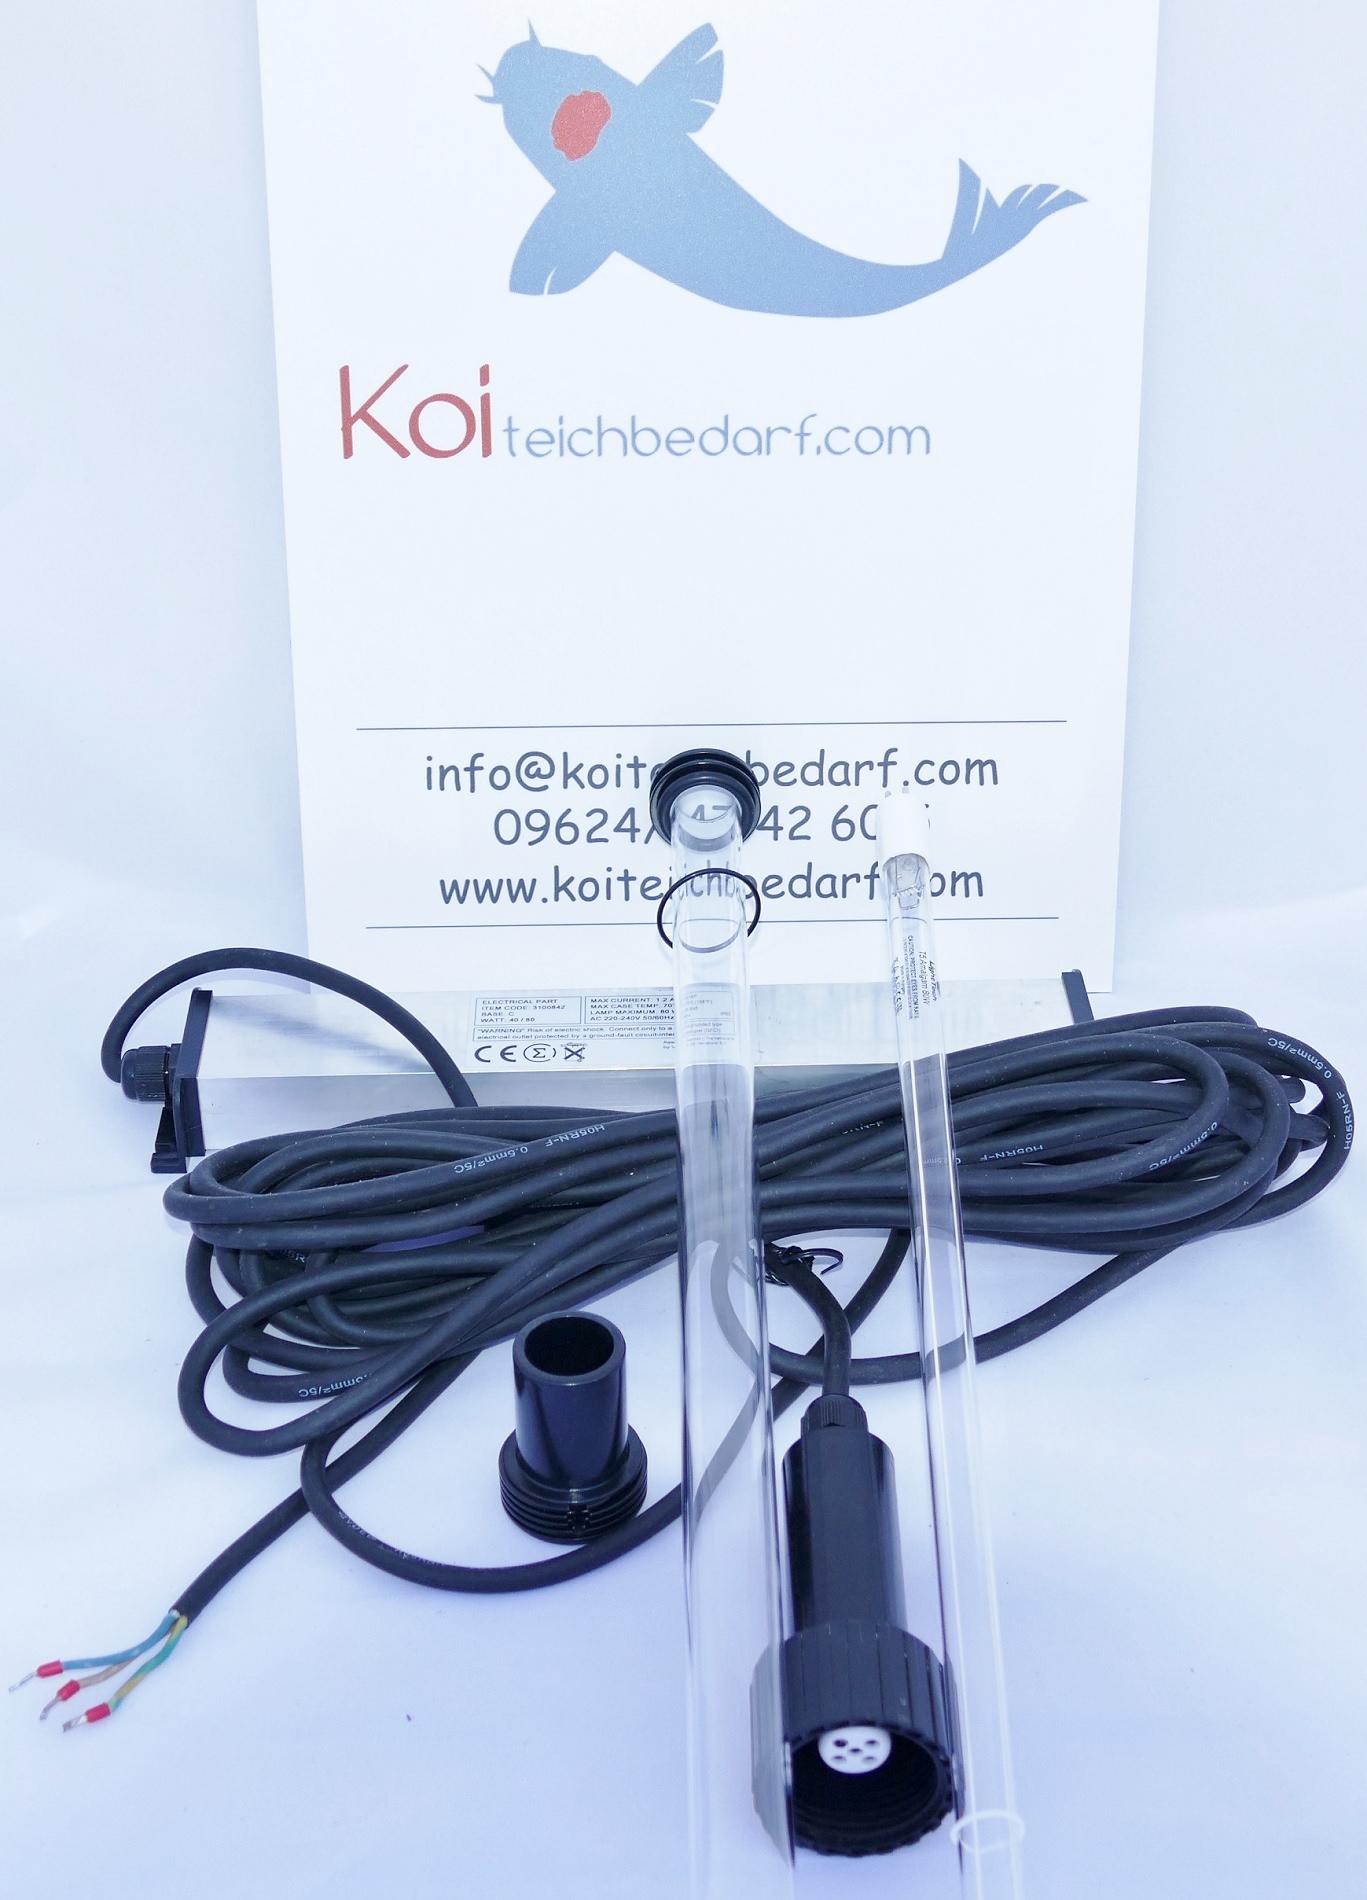 Ersatzlampe für Tauch UVC 40 Watt Amalgam Aquaforte und andere